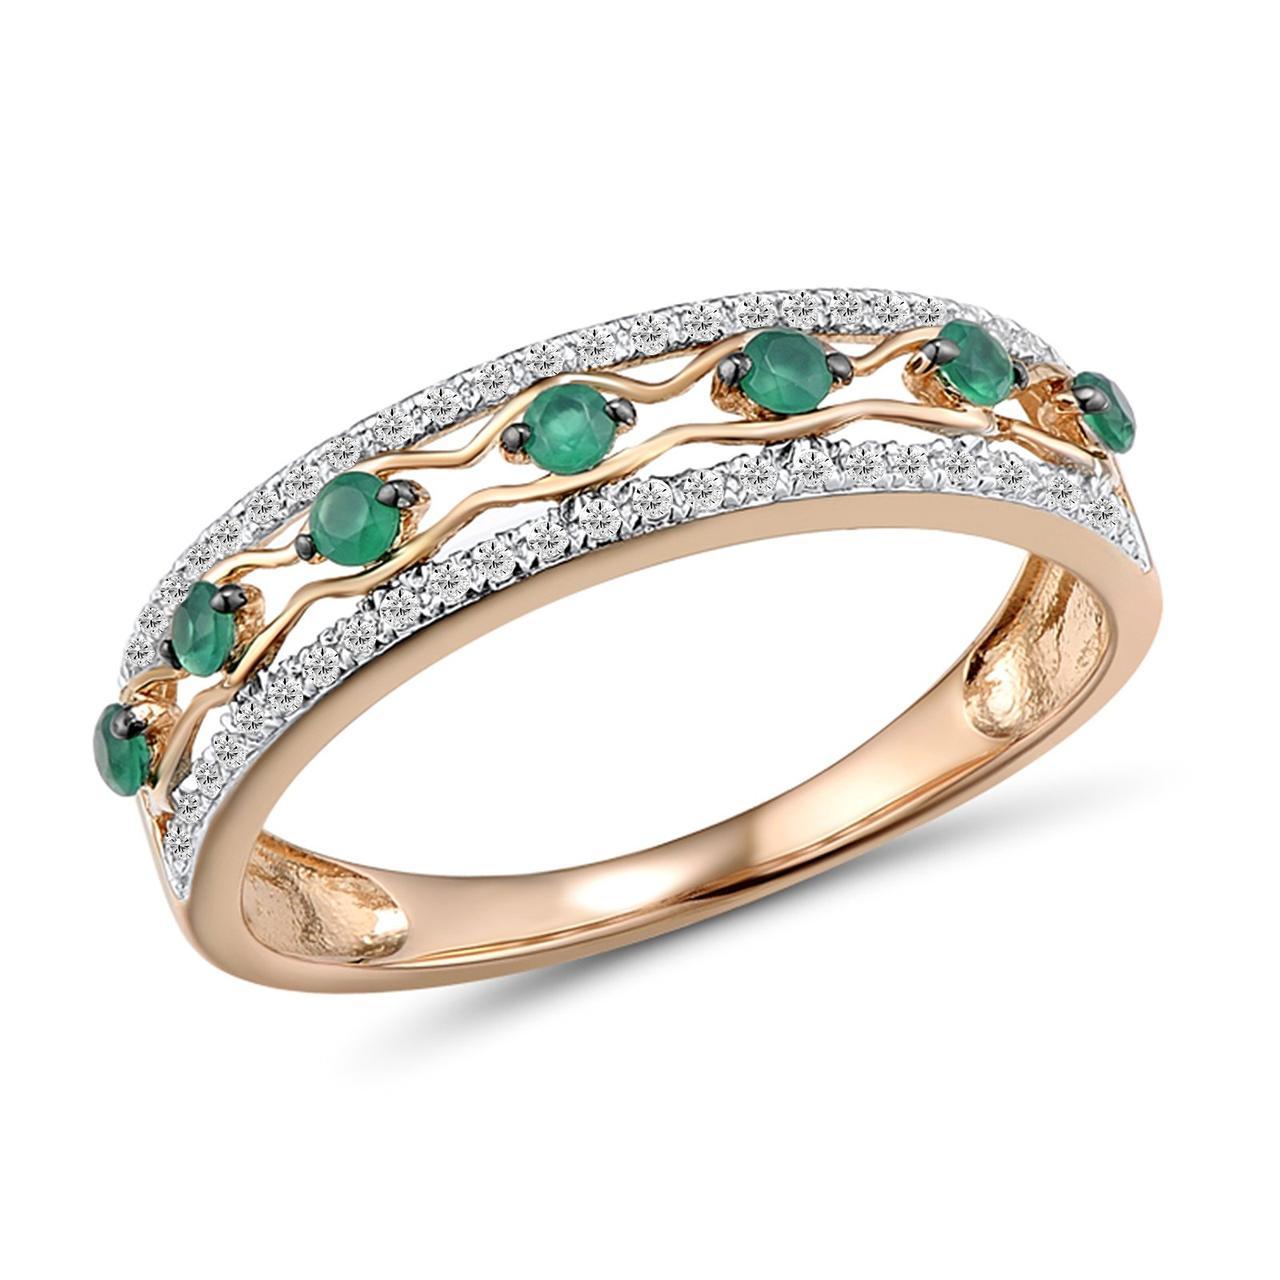 Золотое кольцо с бриллиантами и изумрудами, размер 16 (1681431)